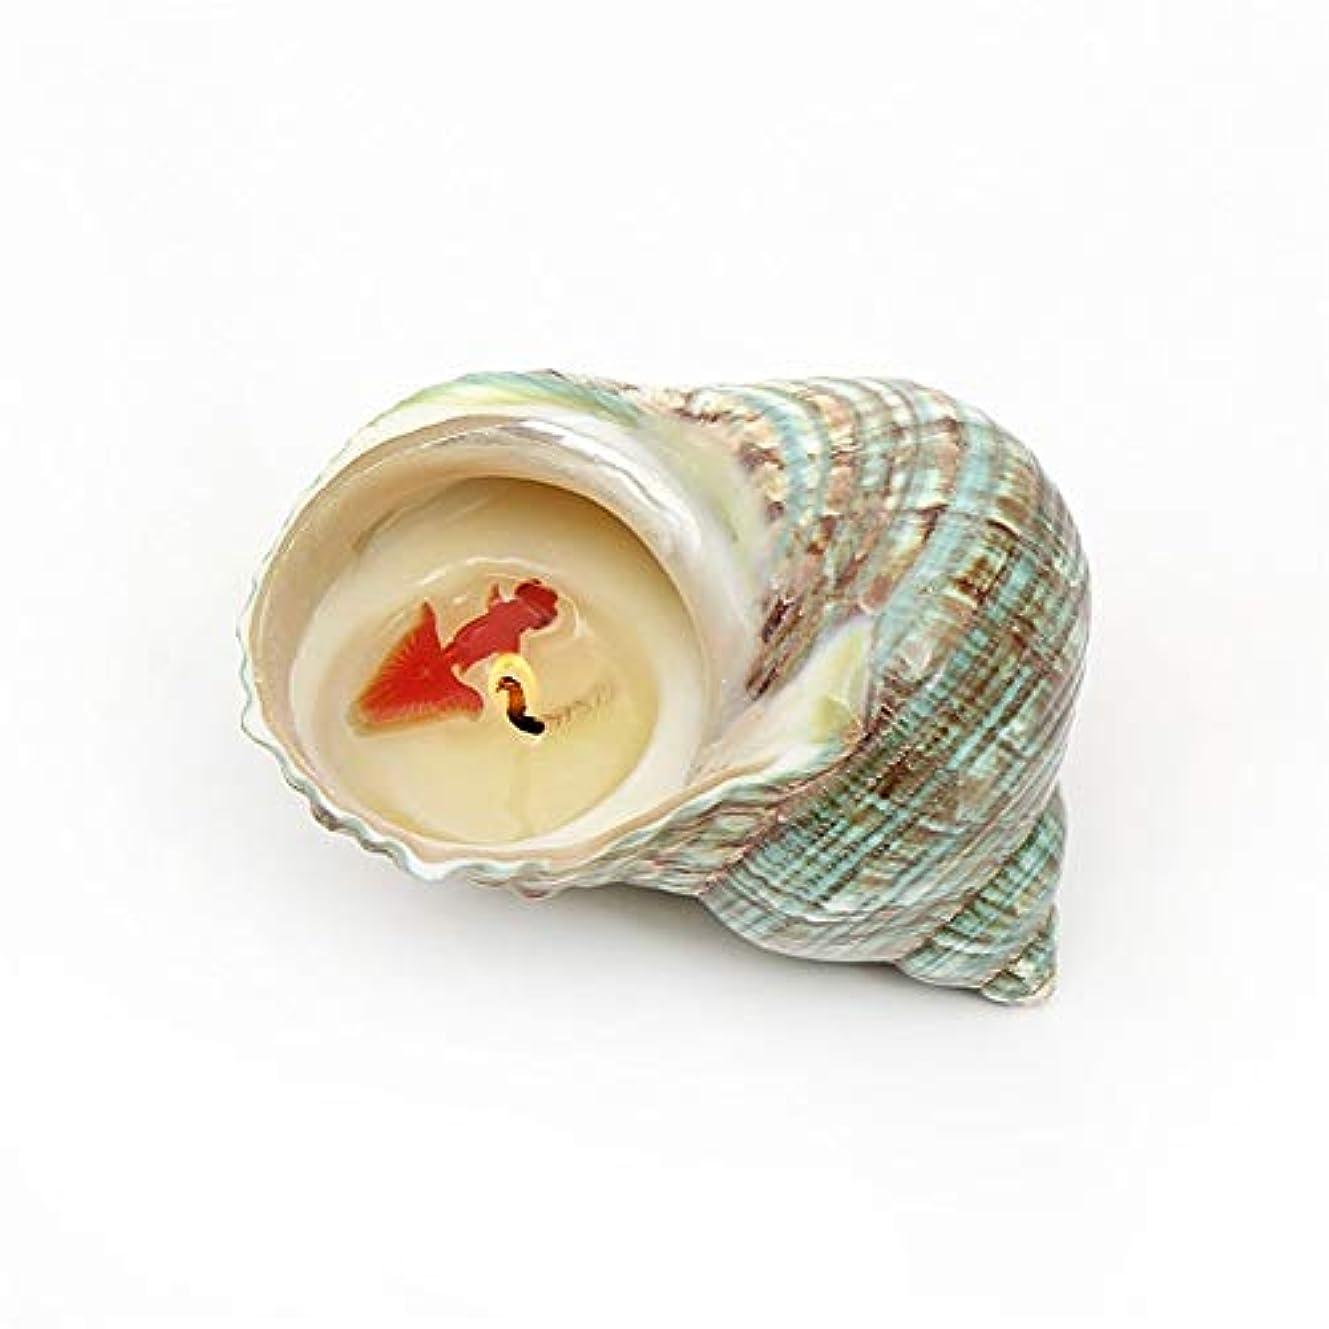 貪欲ハイブリッド化合物Guomao 手作りのシェル金魚の香りキャンドルカップ誕生日プレゼントロマンチックな告白結婚式の装飾 (色 : Sweet peach)